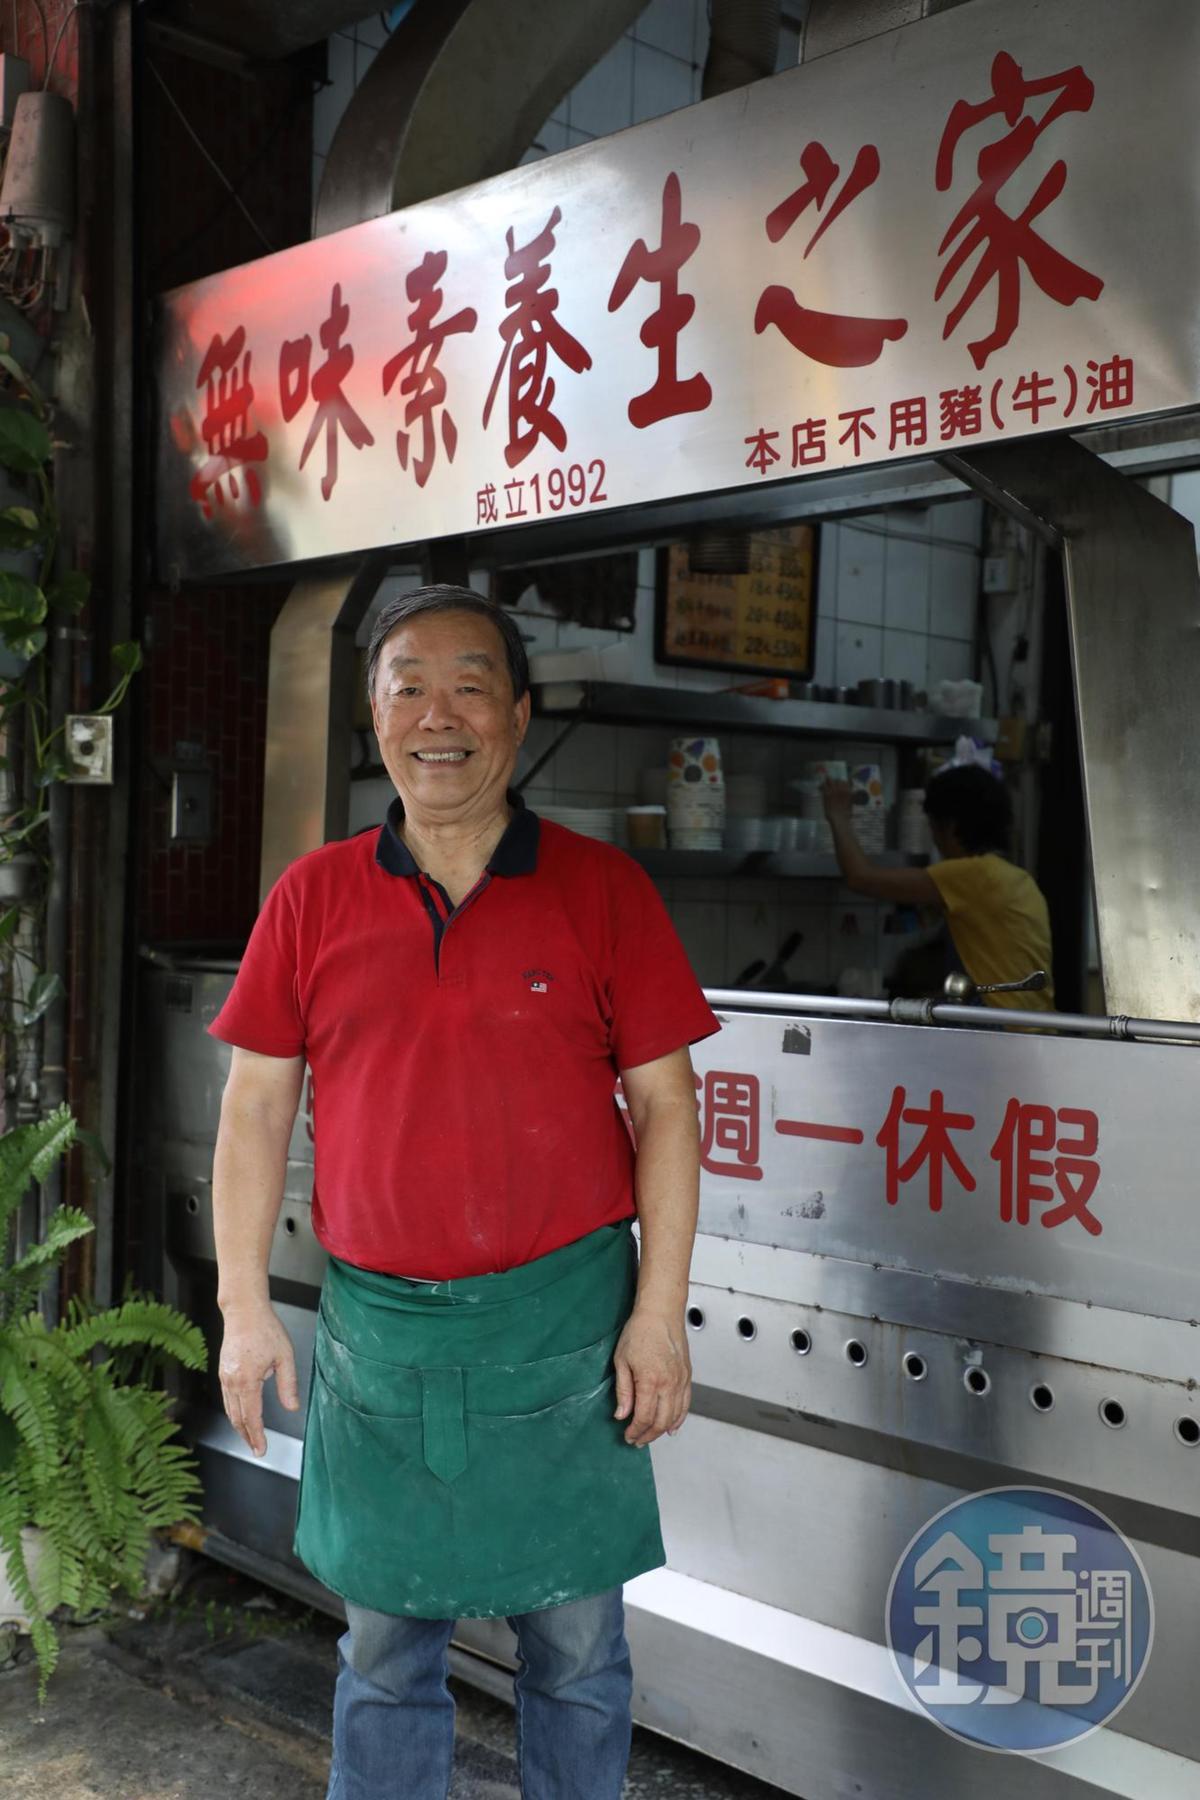 老闆楊潤成對味精、添加物過敏,所以不計成本用新鮮原食材熬高湯做料理。